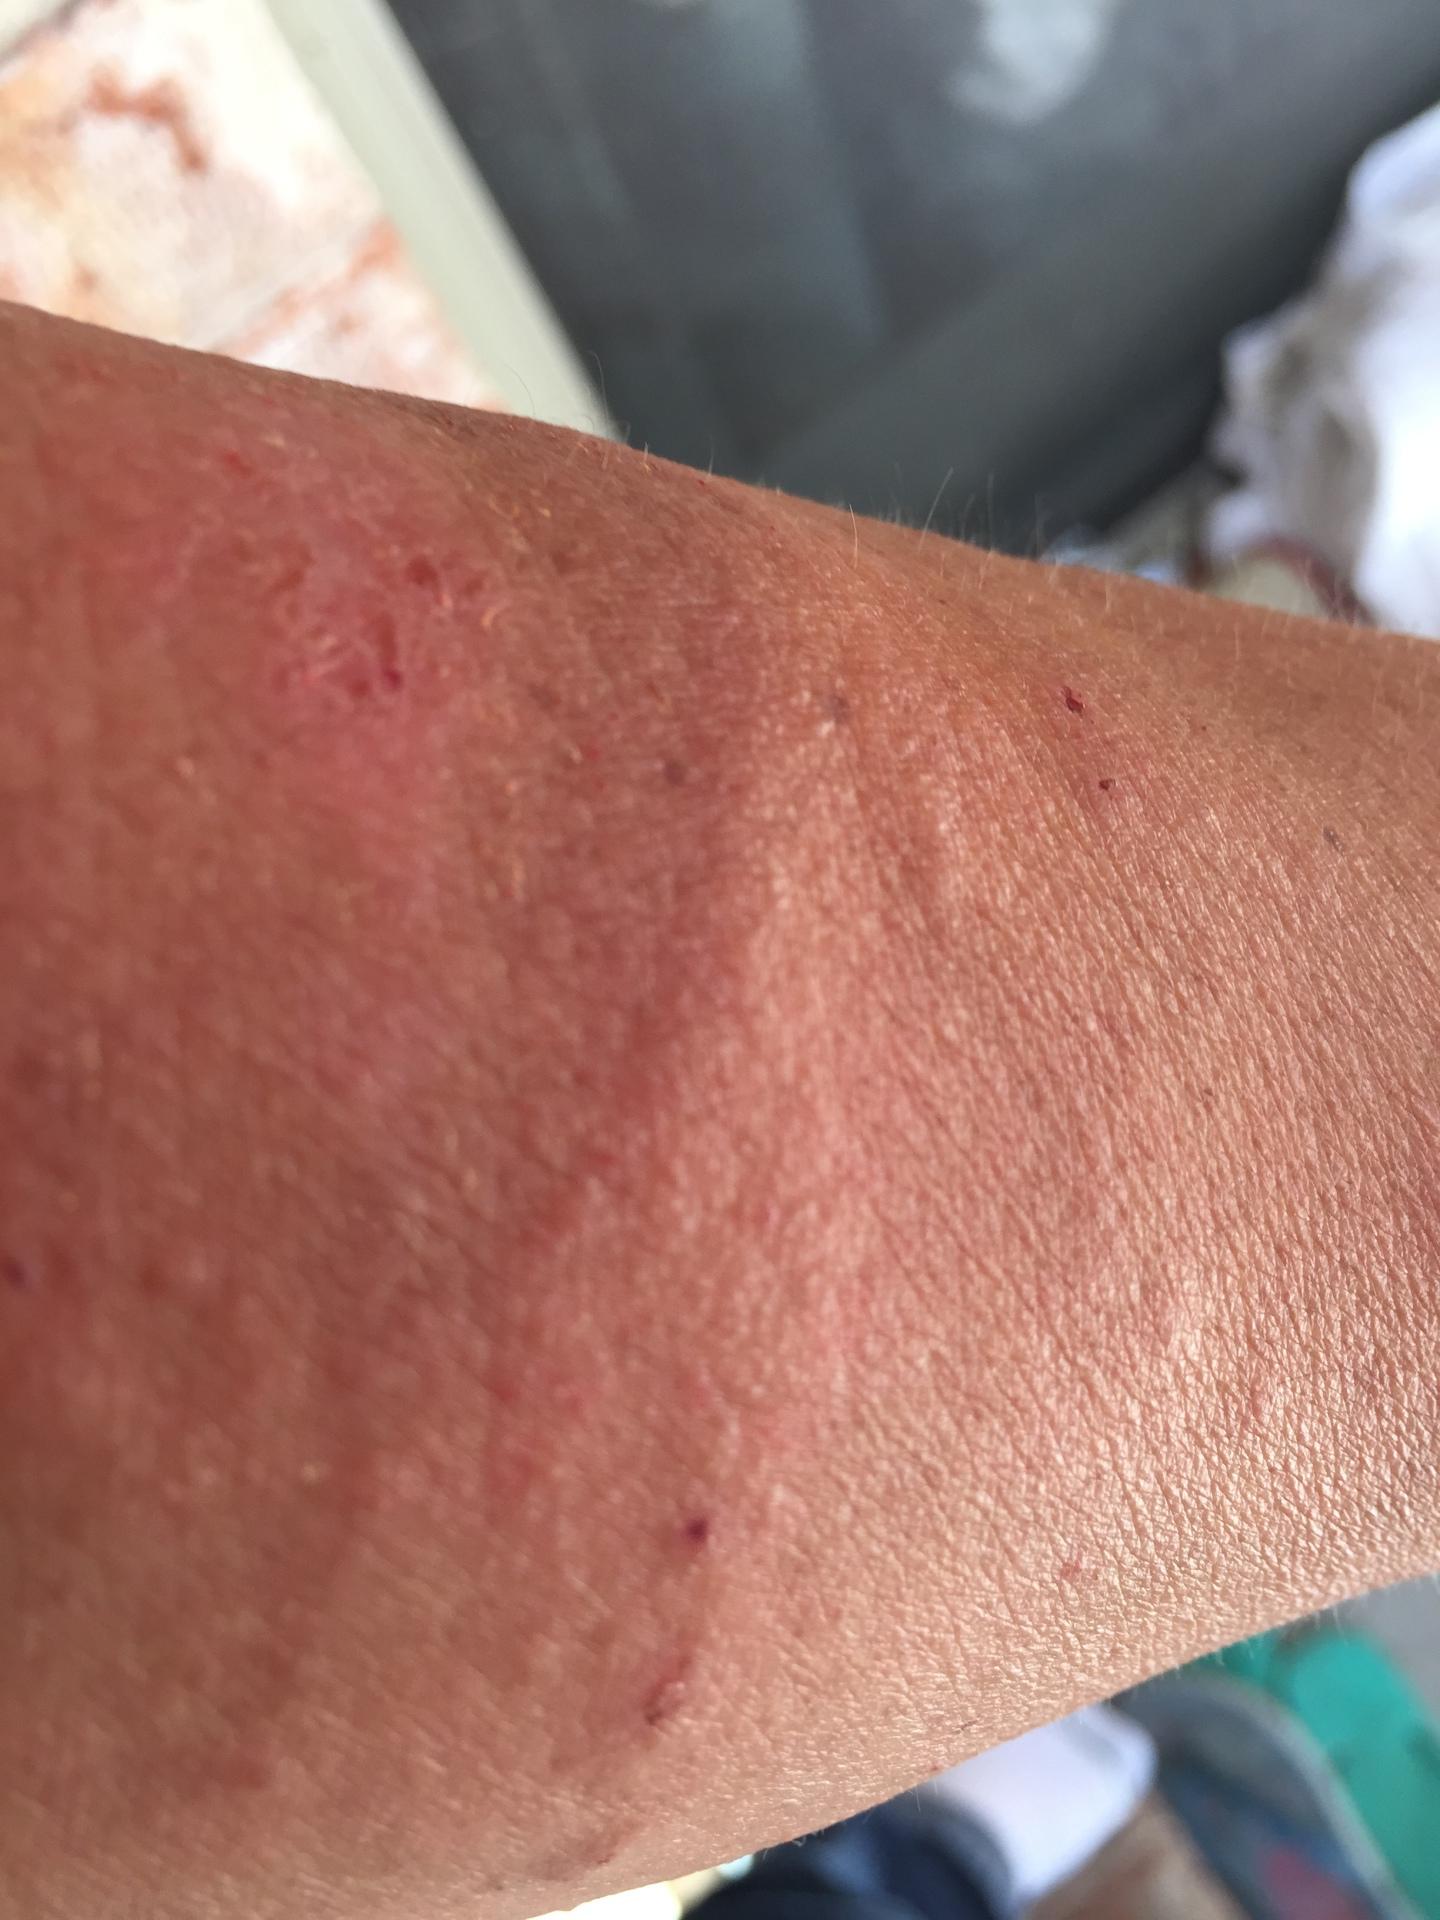 Skin Rash before treatment